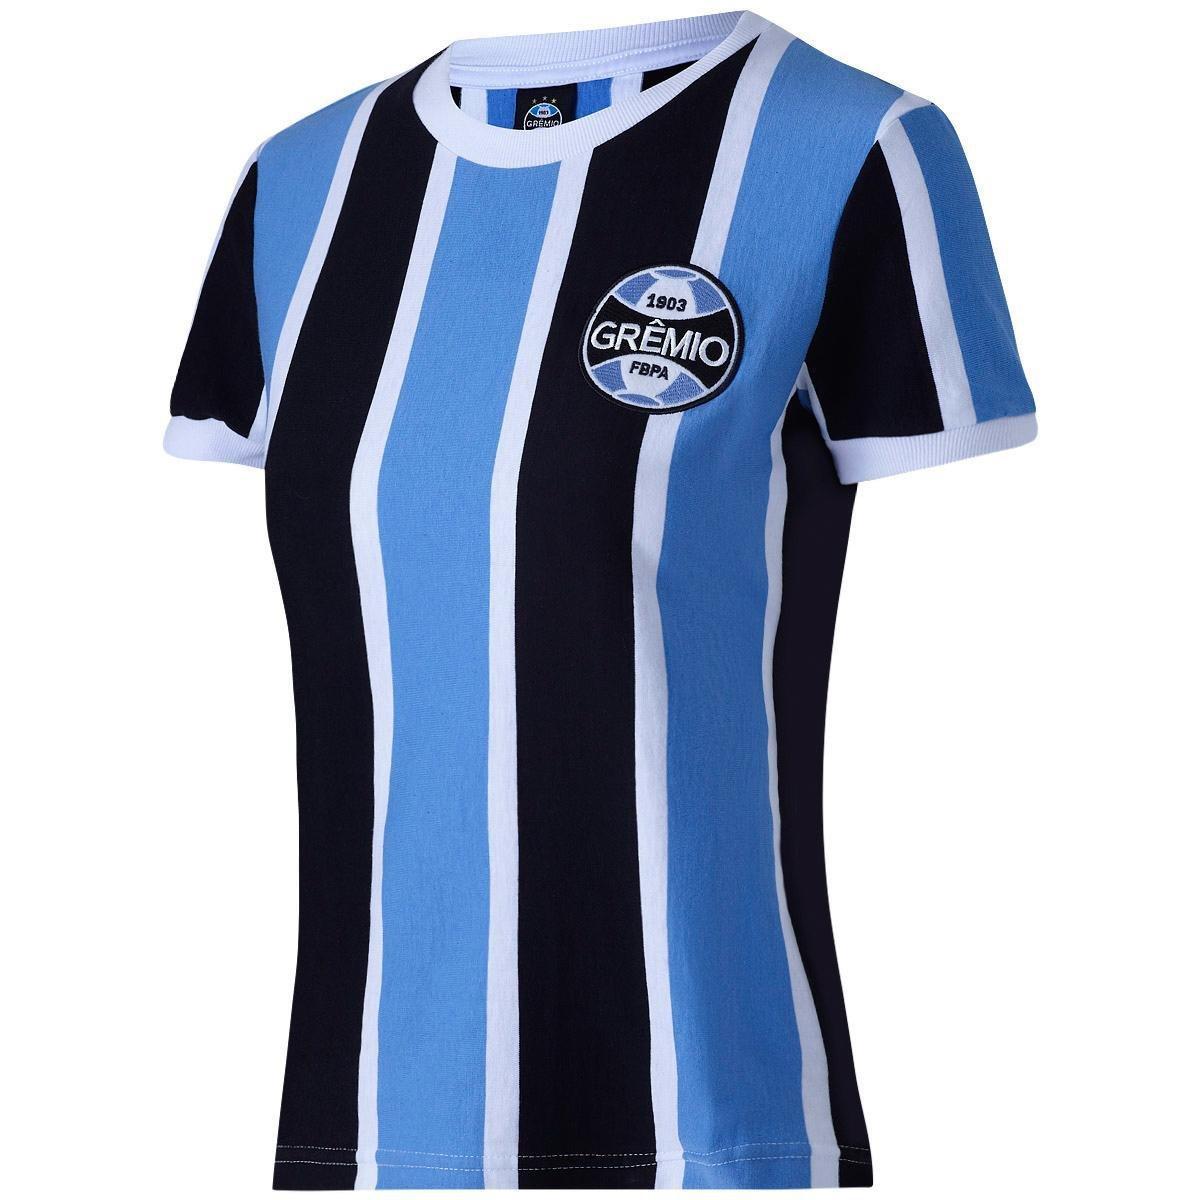 34525c369637f Camisa Retrô Grêmio 1972 Feminina - Azul - Compre Agora